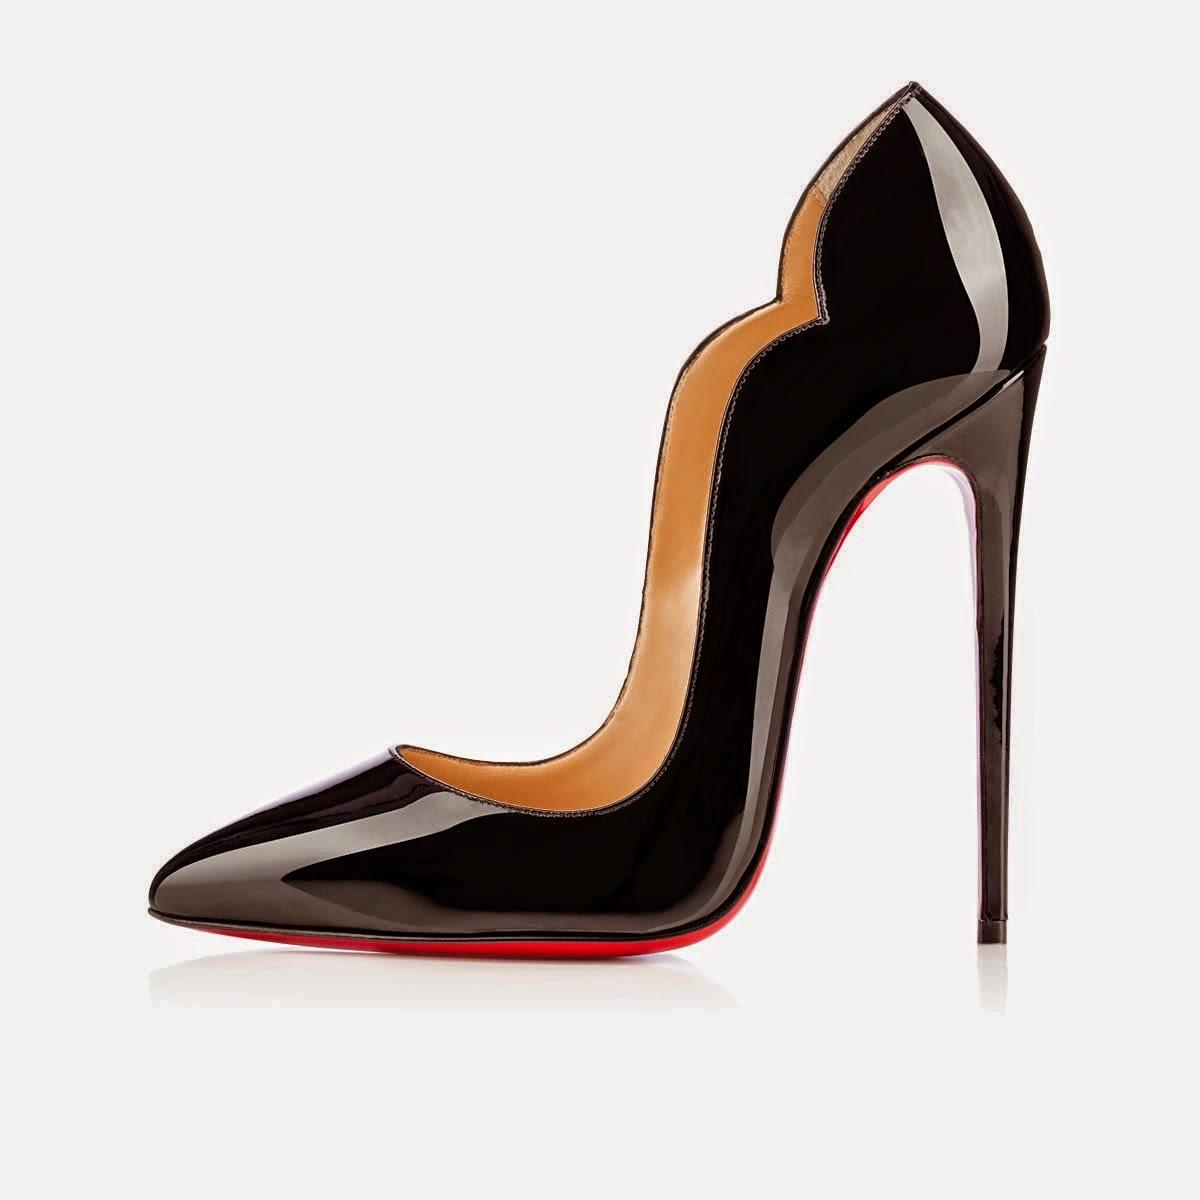 Discount Christian Louboutin Women S Shoes